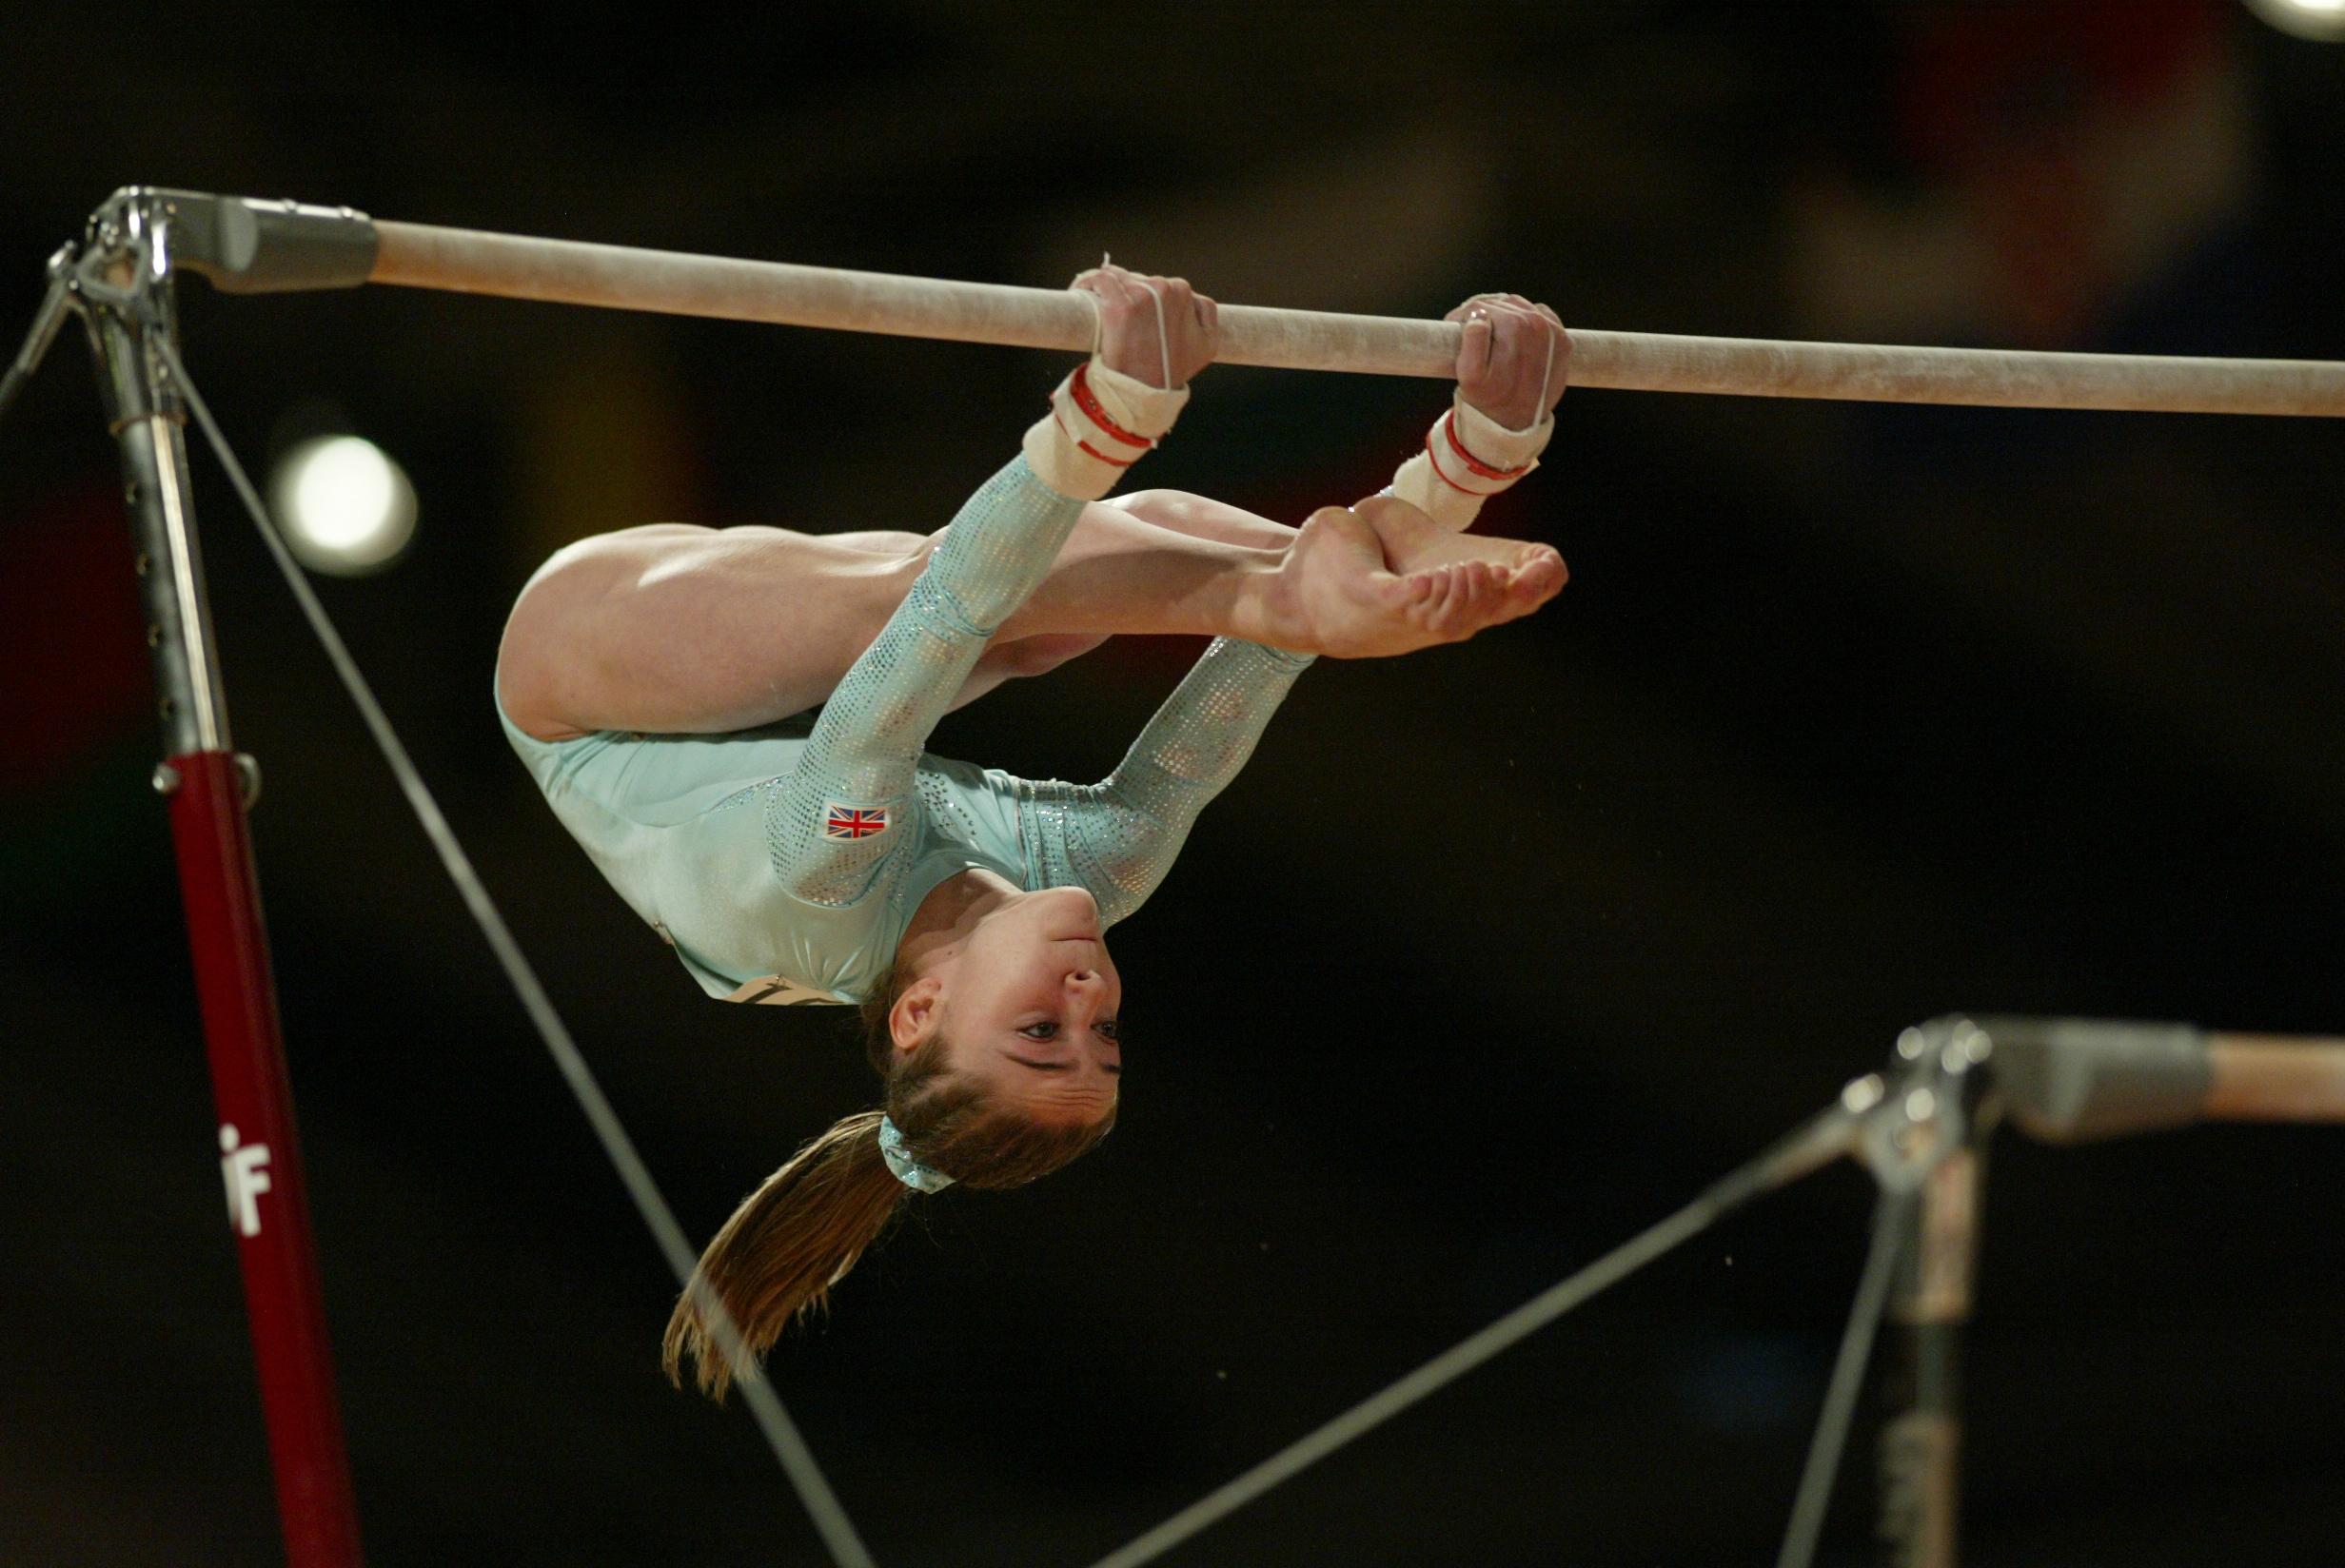 Gymnastics competition smugmug gymnastic studio portrait view